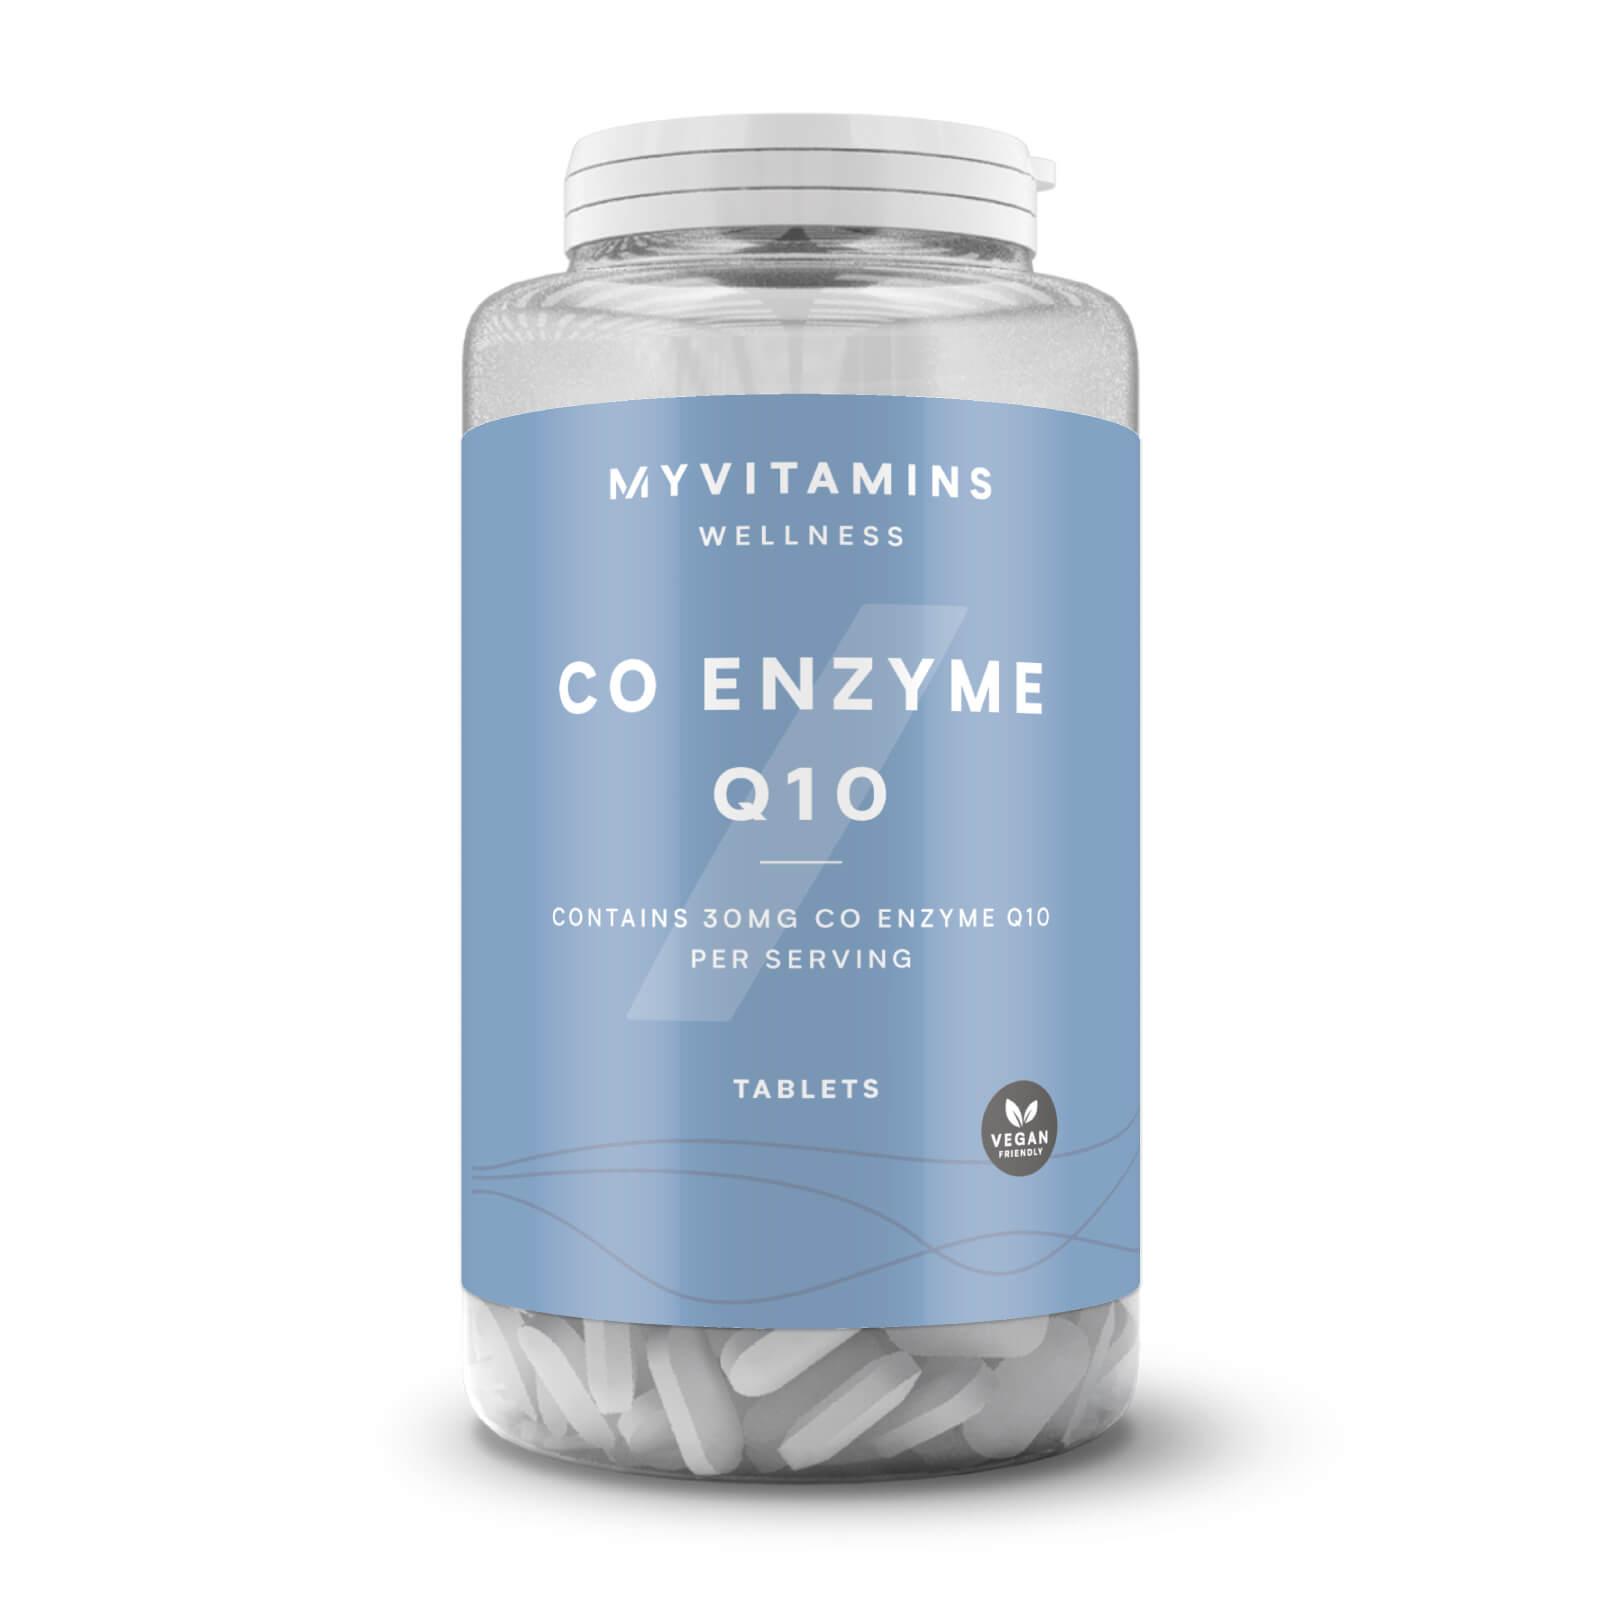 Myvitamins Co Enzyme Q10 en comprimé - 90Comprimés